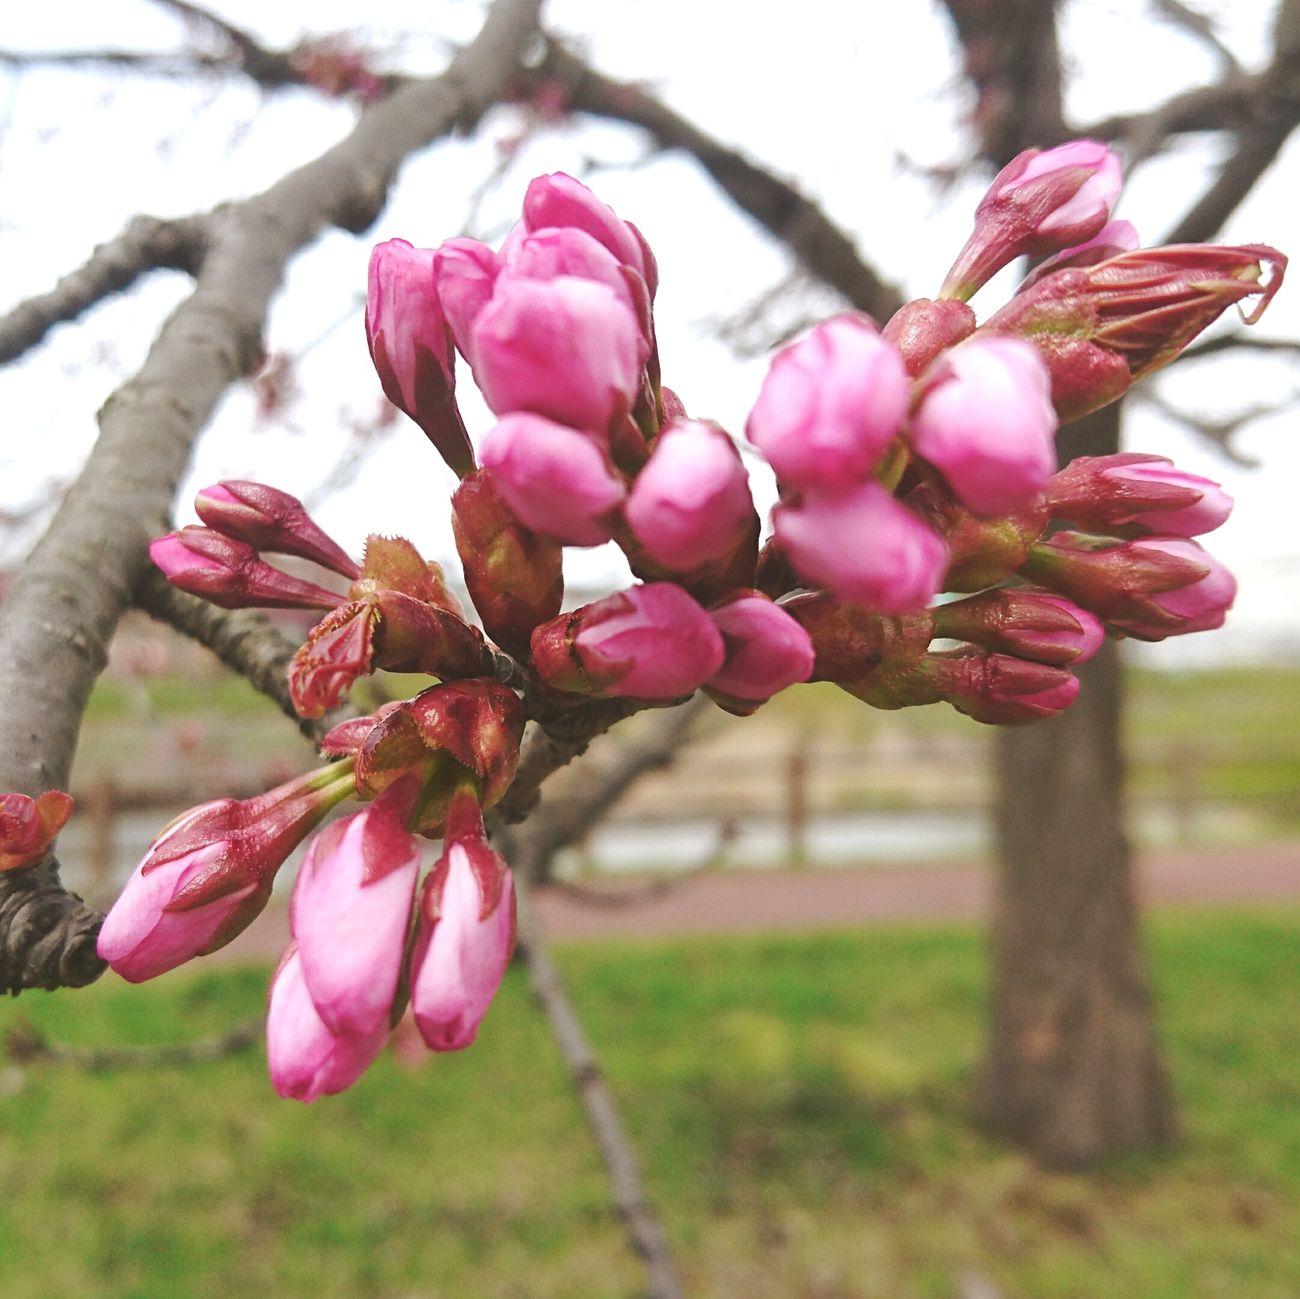 いつもの場所から 千歳市にて 加工あり 実家近く 桜の木 風が冷たい 今日あたり咲くかなぁ~🌸🌸🌸